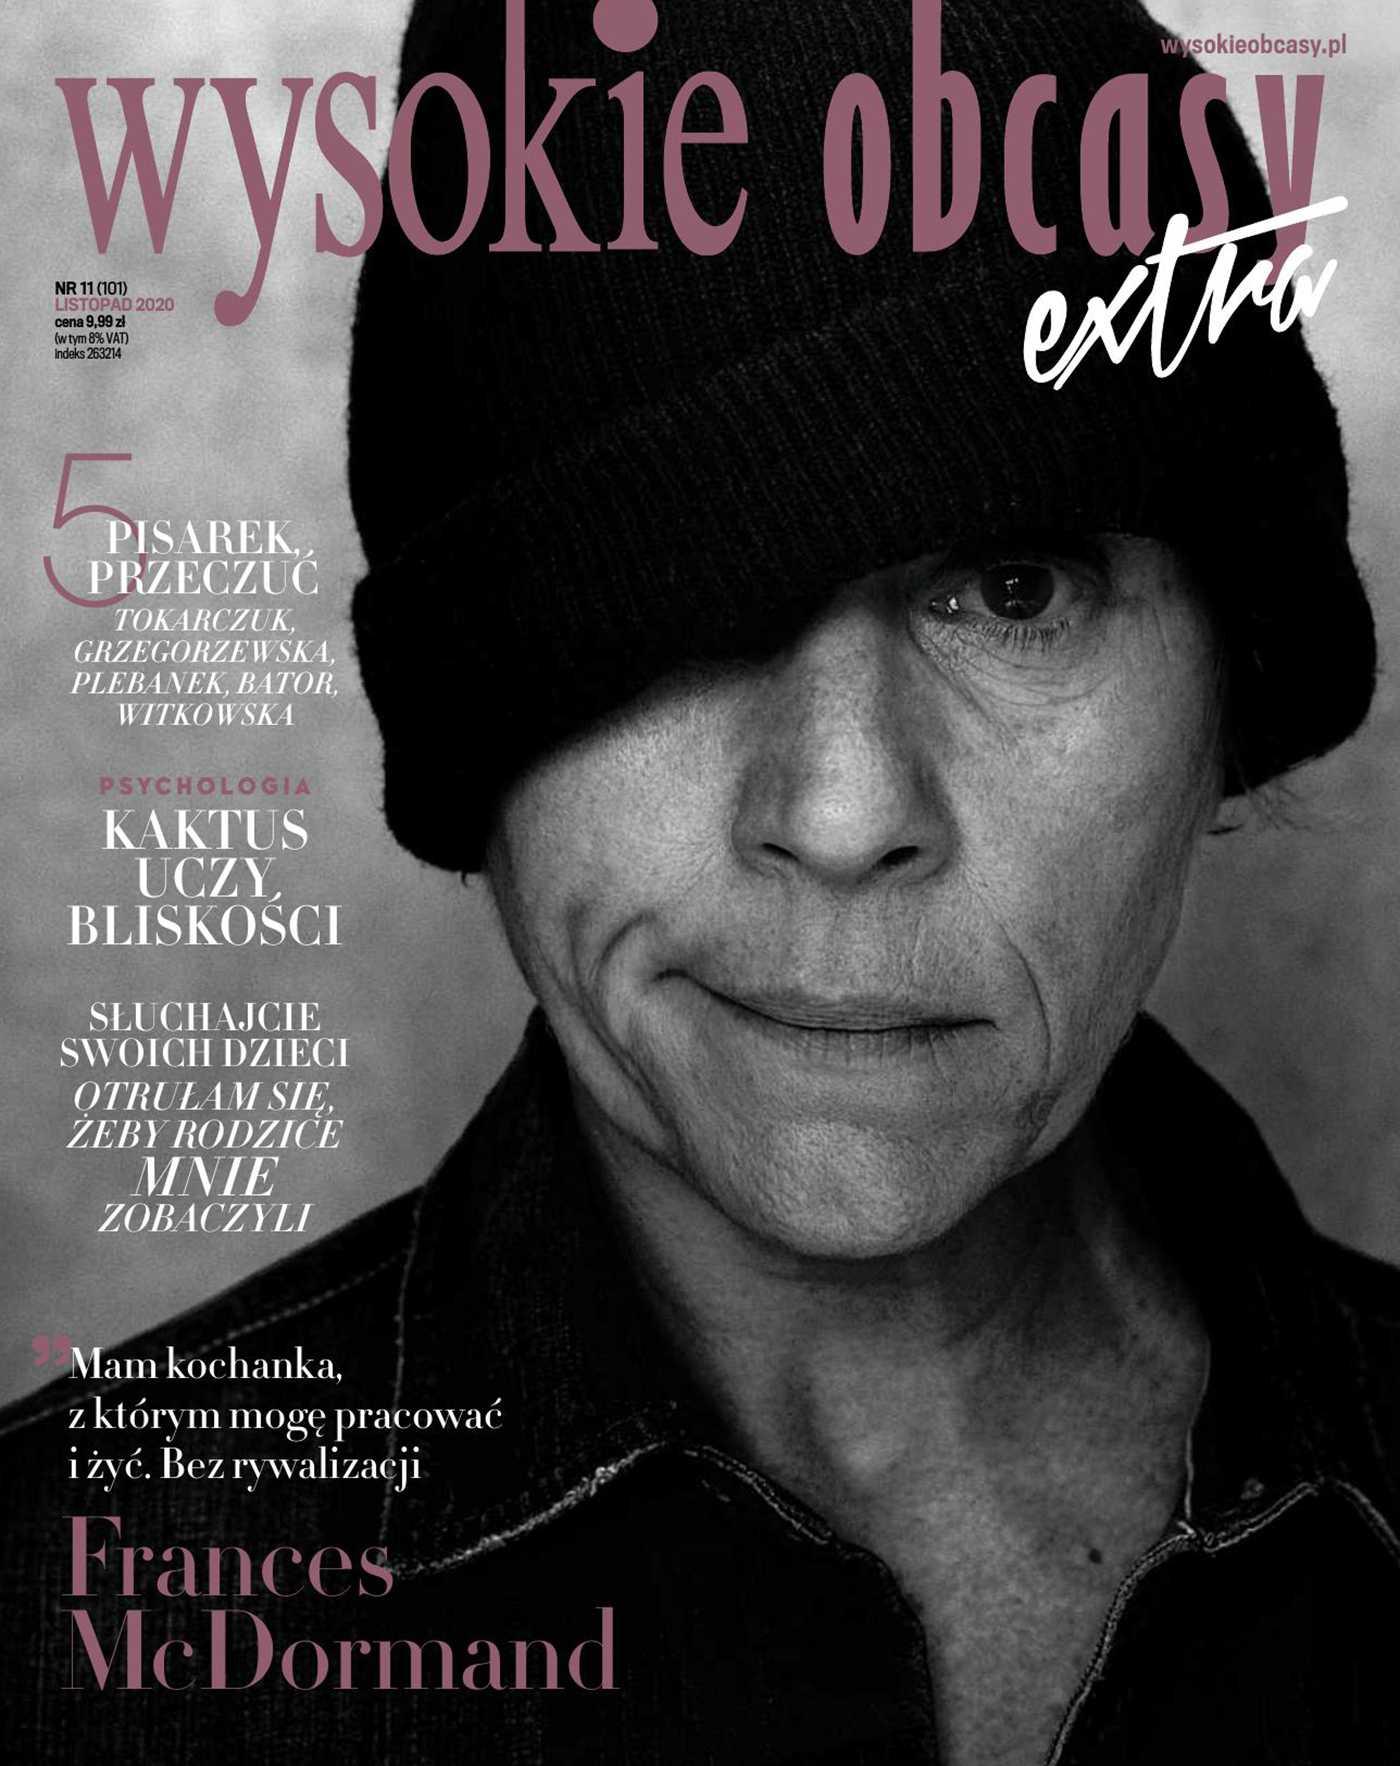 Wysokie Obcasy Extra 11/2020 - Ebook (Książka na Kindle) do pobrania w formacie MOBI